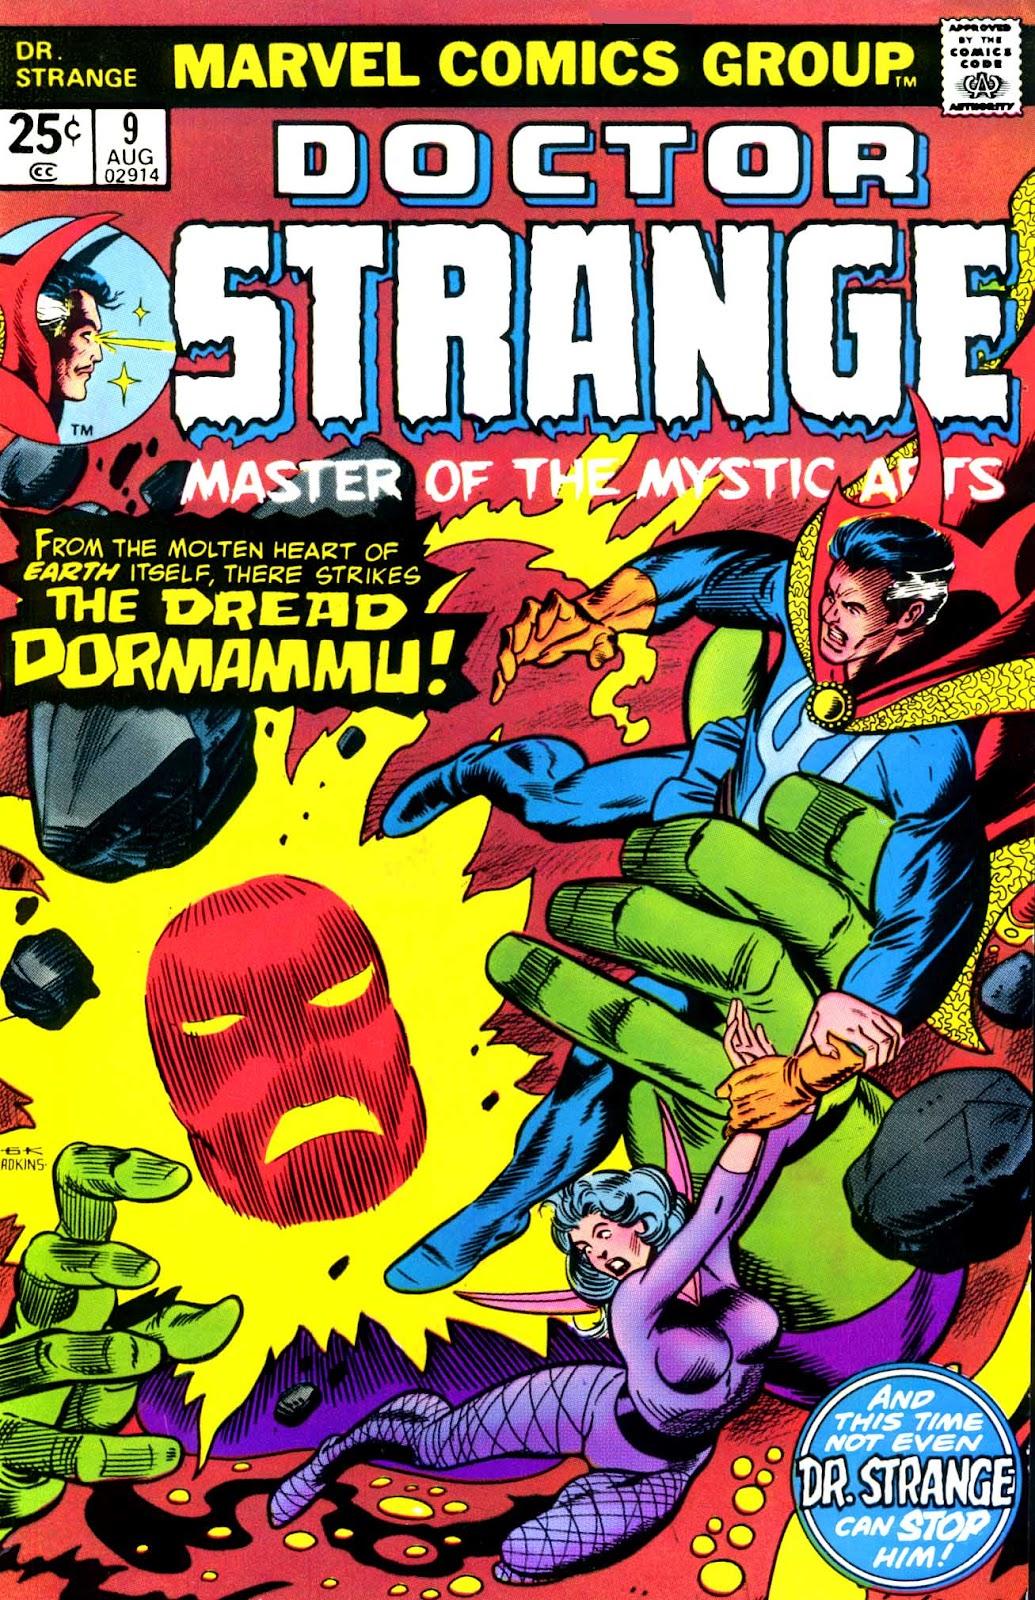 Doctor Strange (1974) 9 Page 1